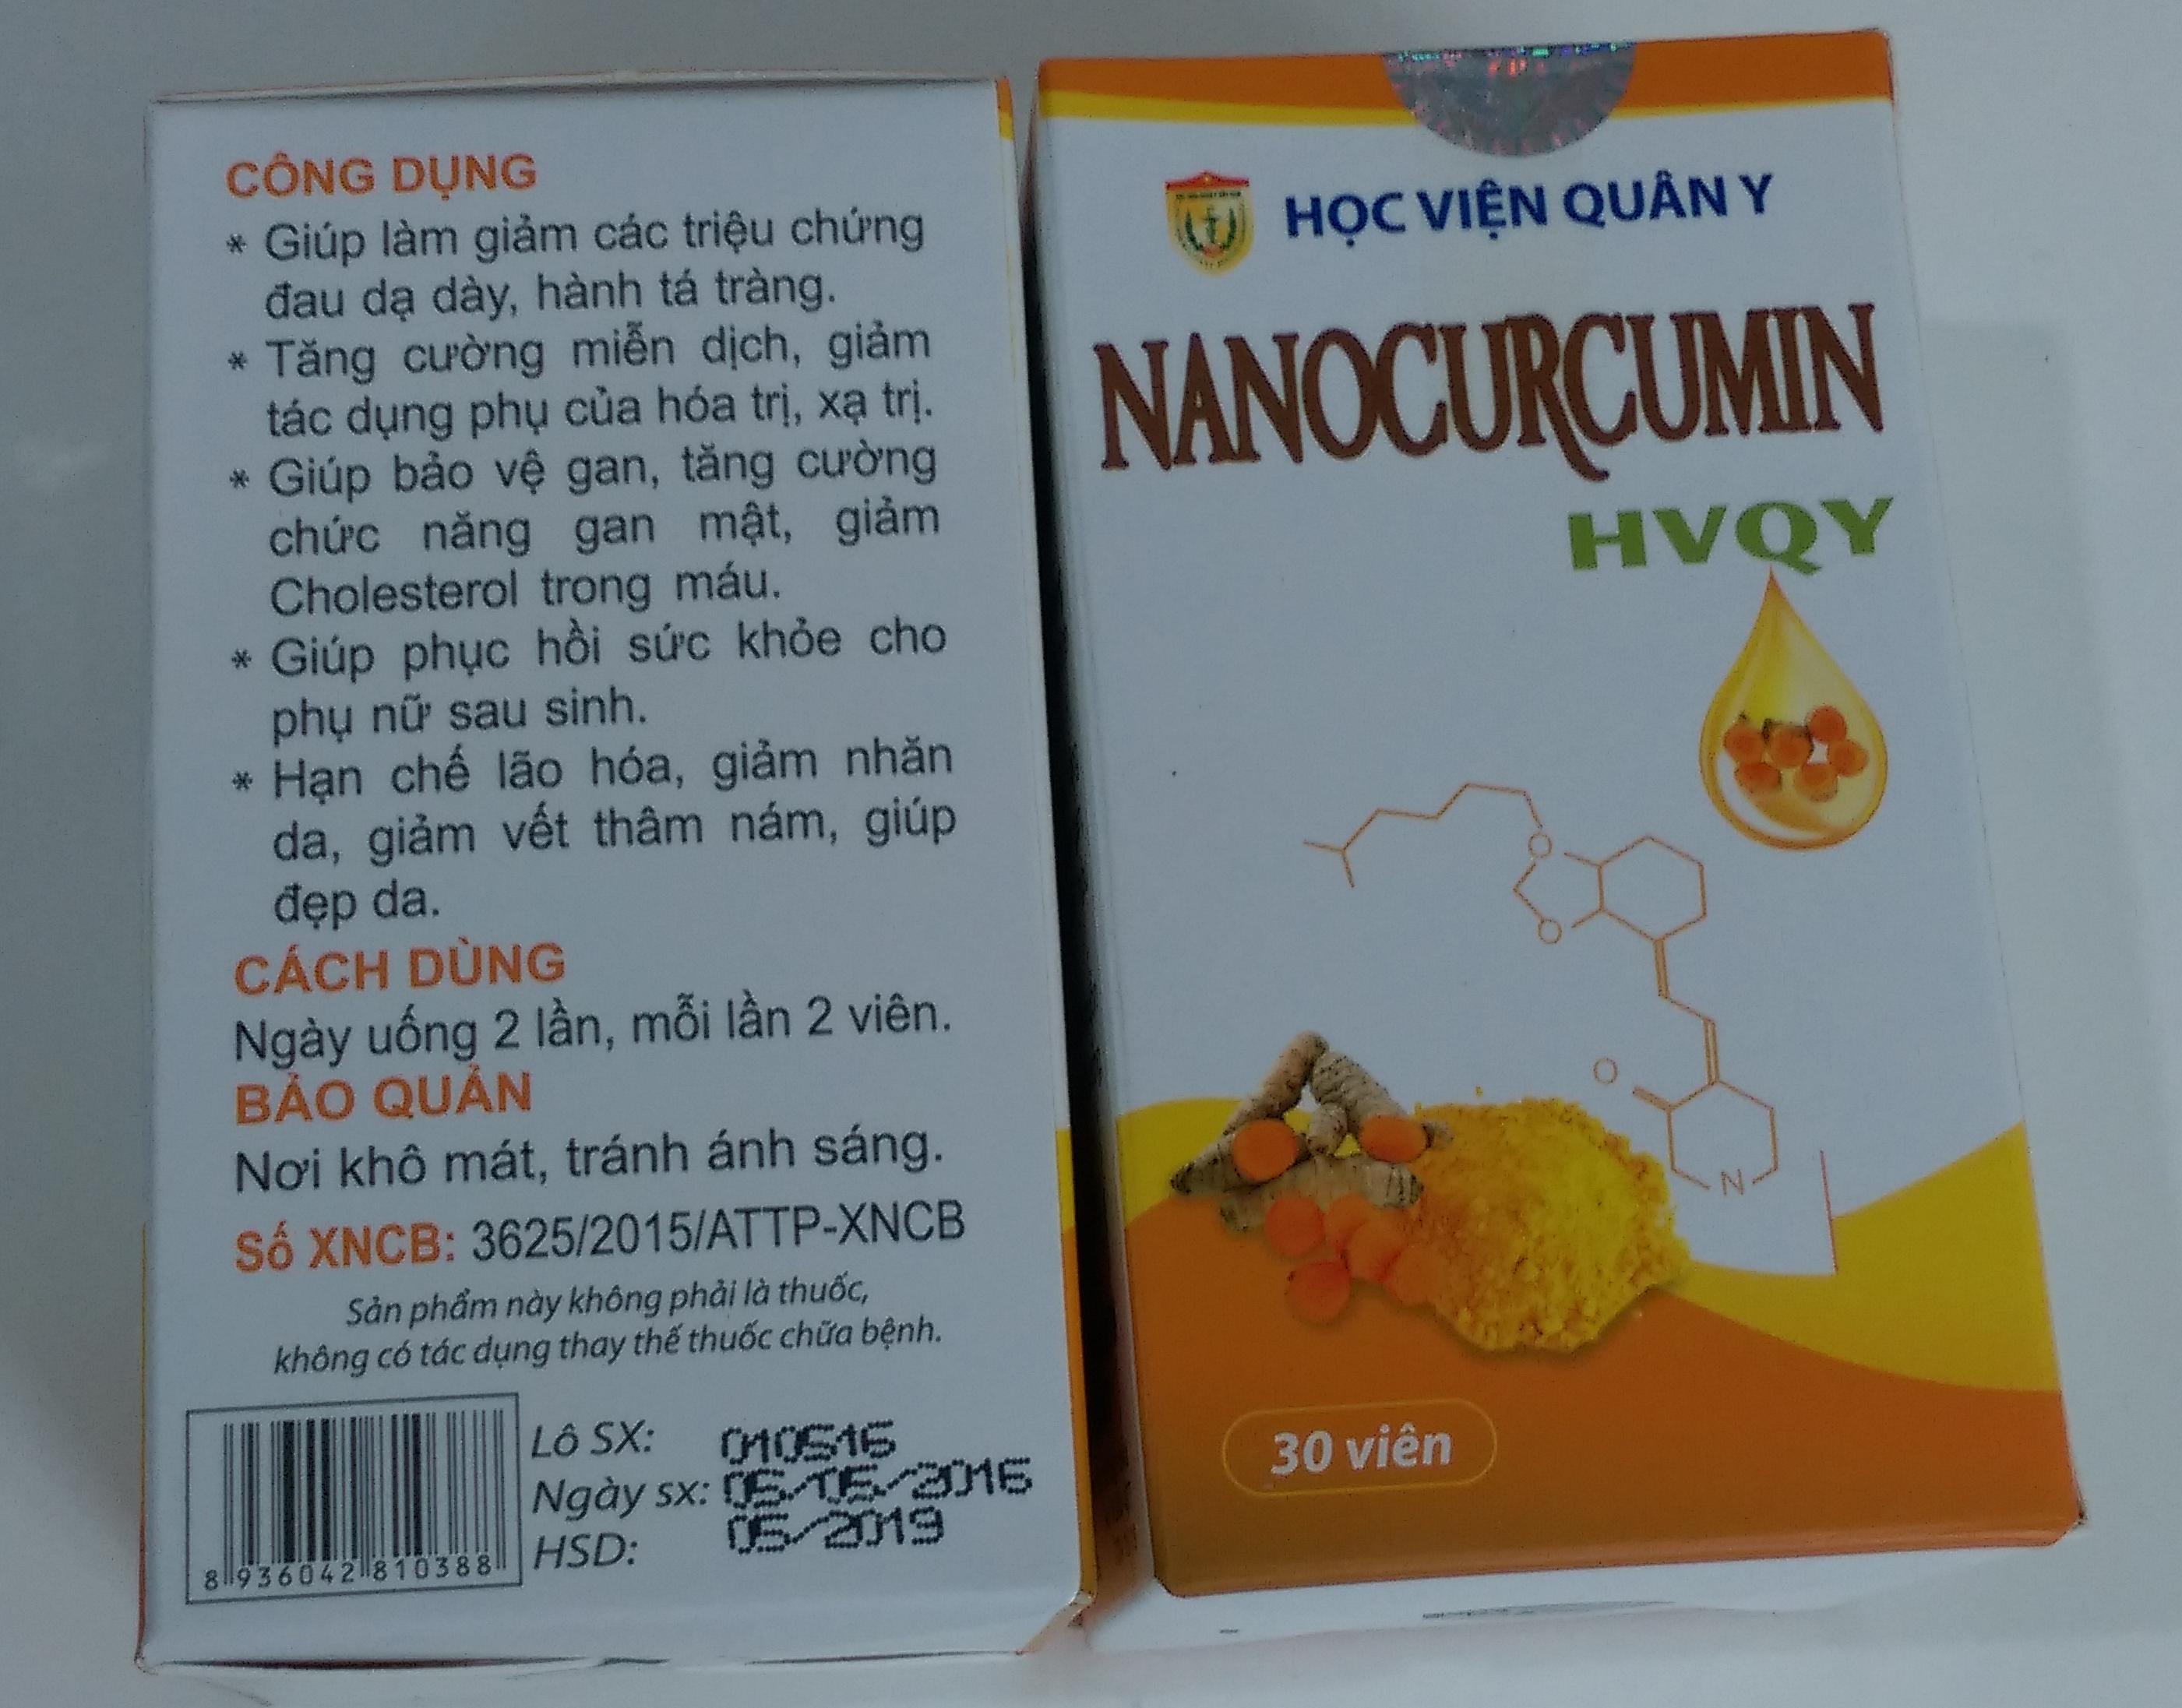 nano curcumin 5